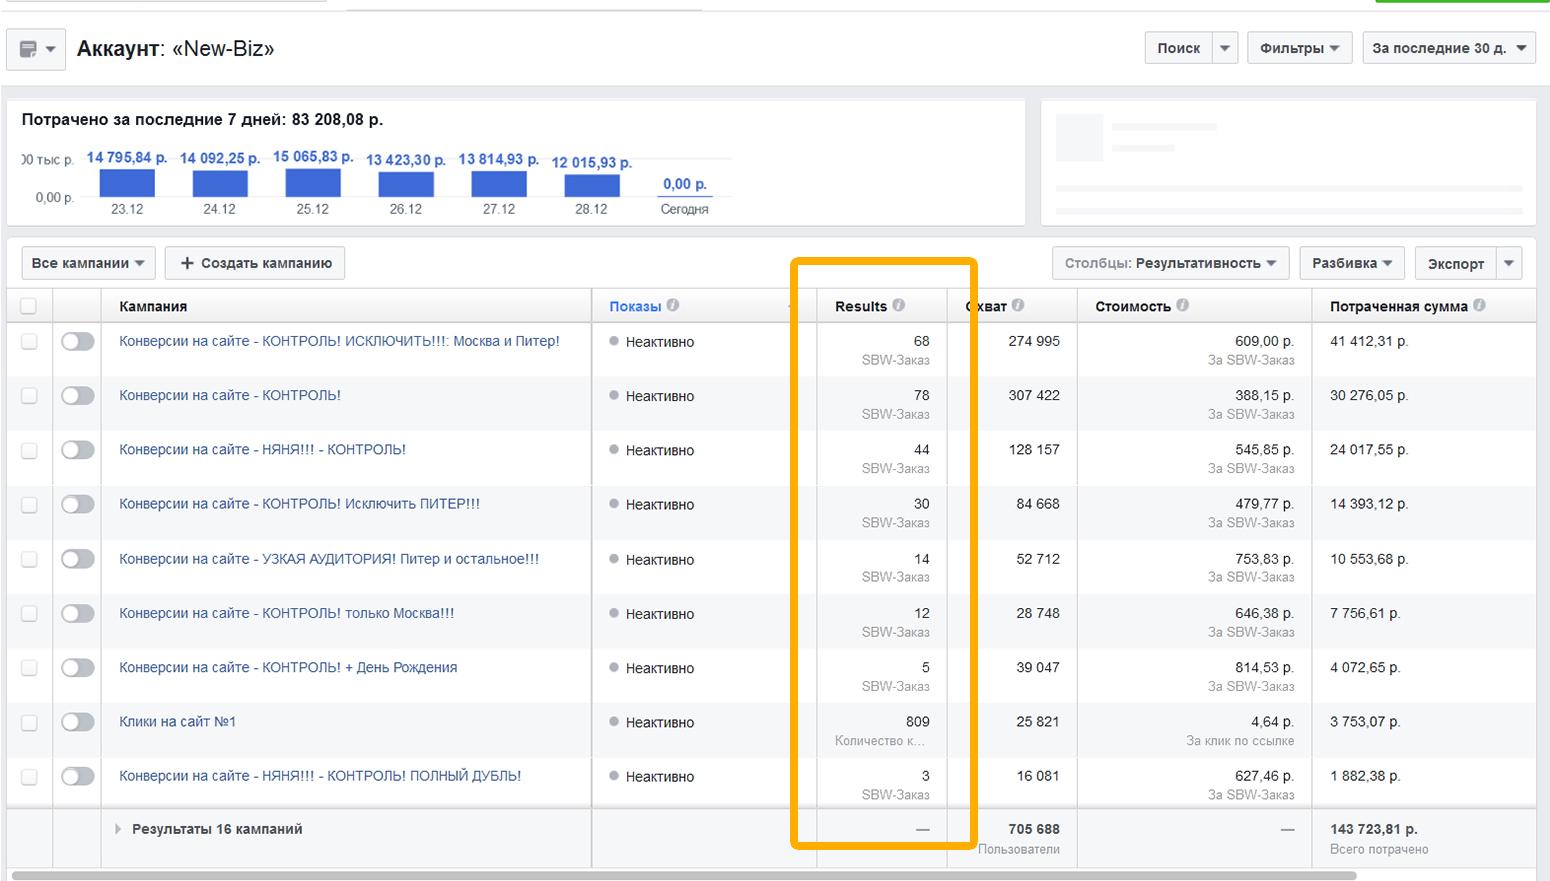 статистика по рекламе в фейсбук